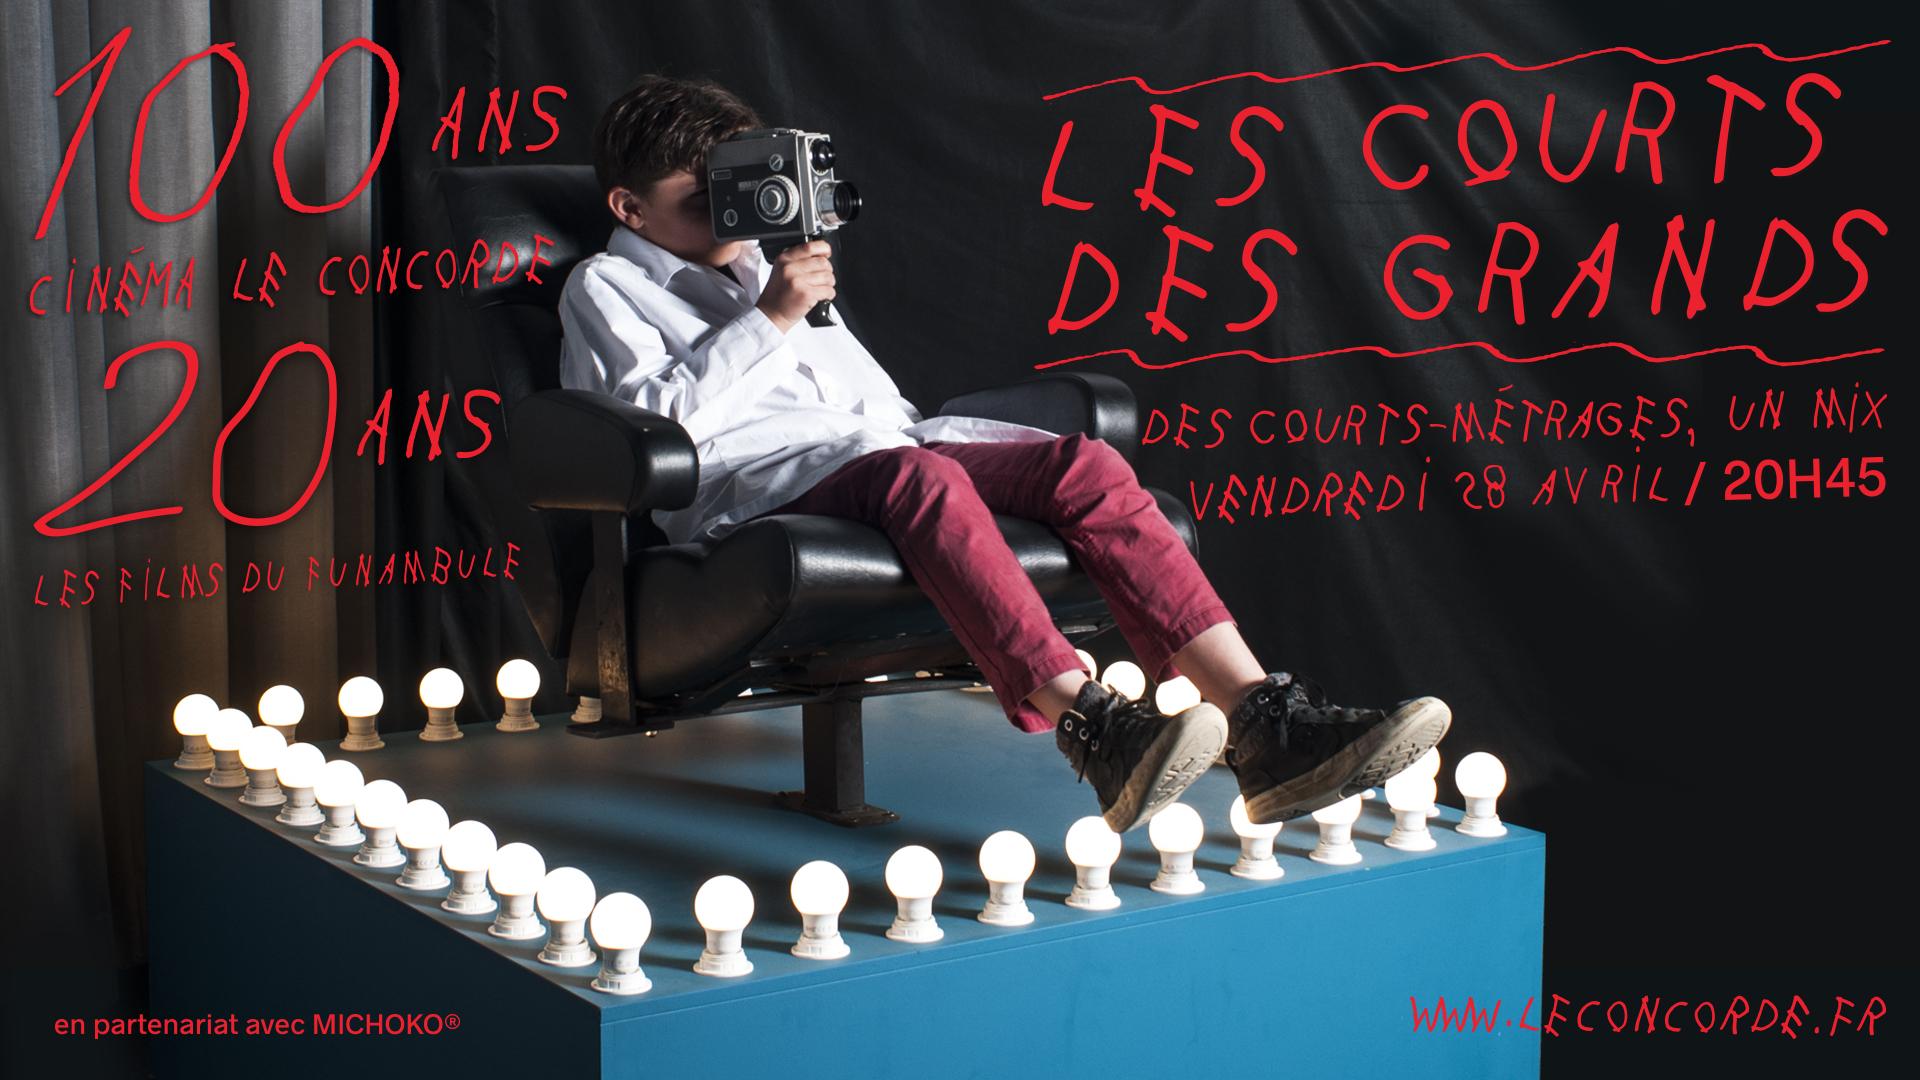 Que faire à Nantes ce week-end (28 avril - 1 mai) ?